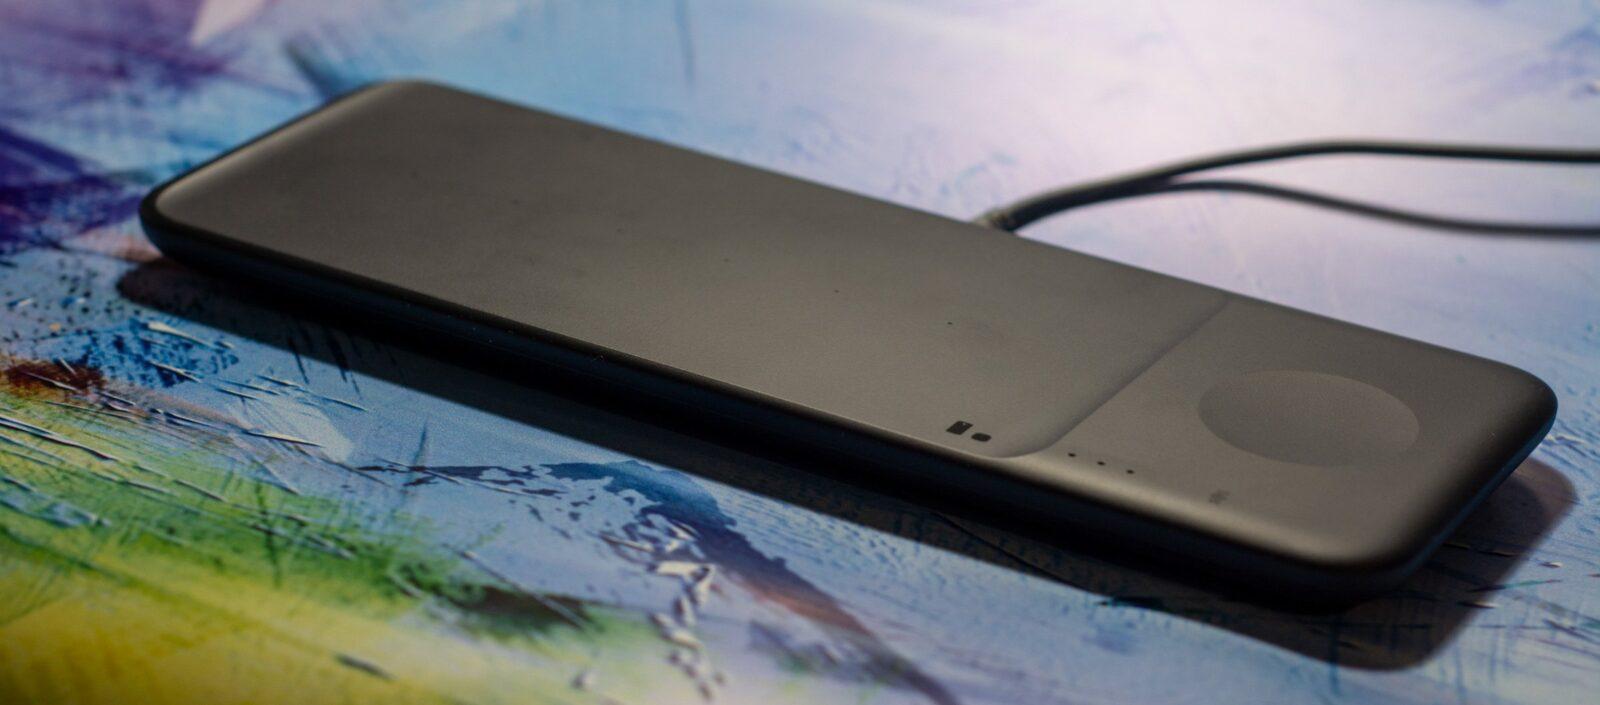 Обзор Samsung Wireless Charger Trio: без проводов и для трёх устройств (DSC 9750)